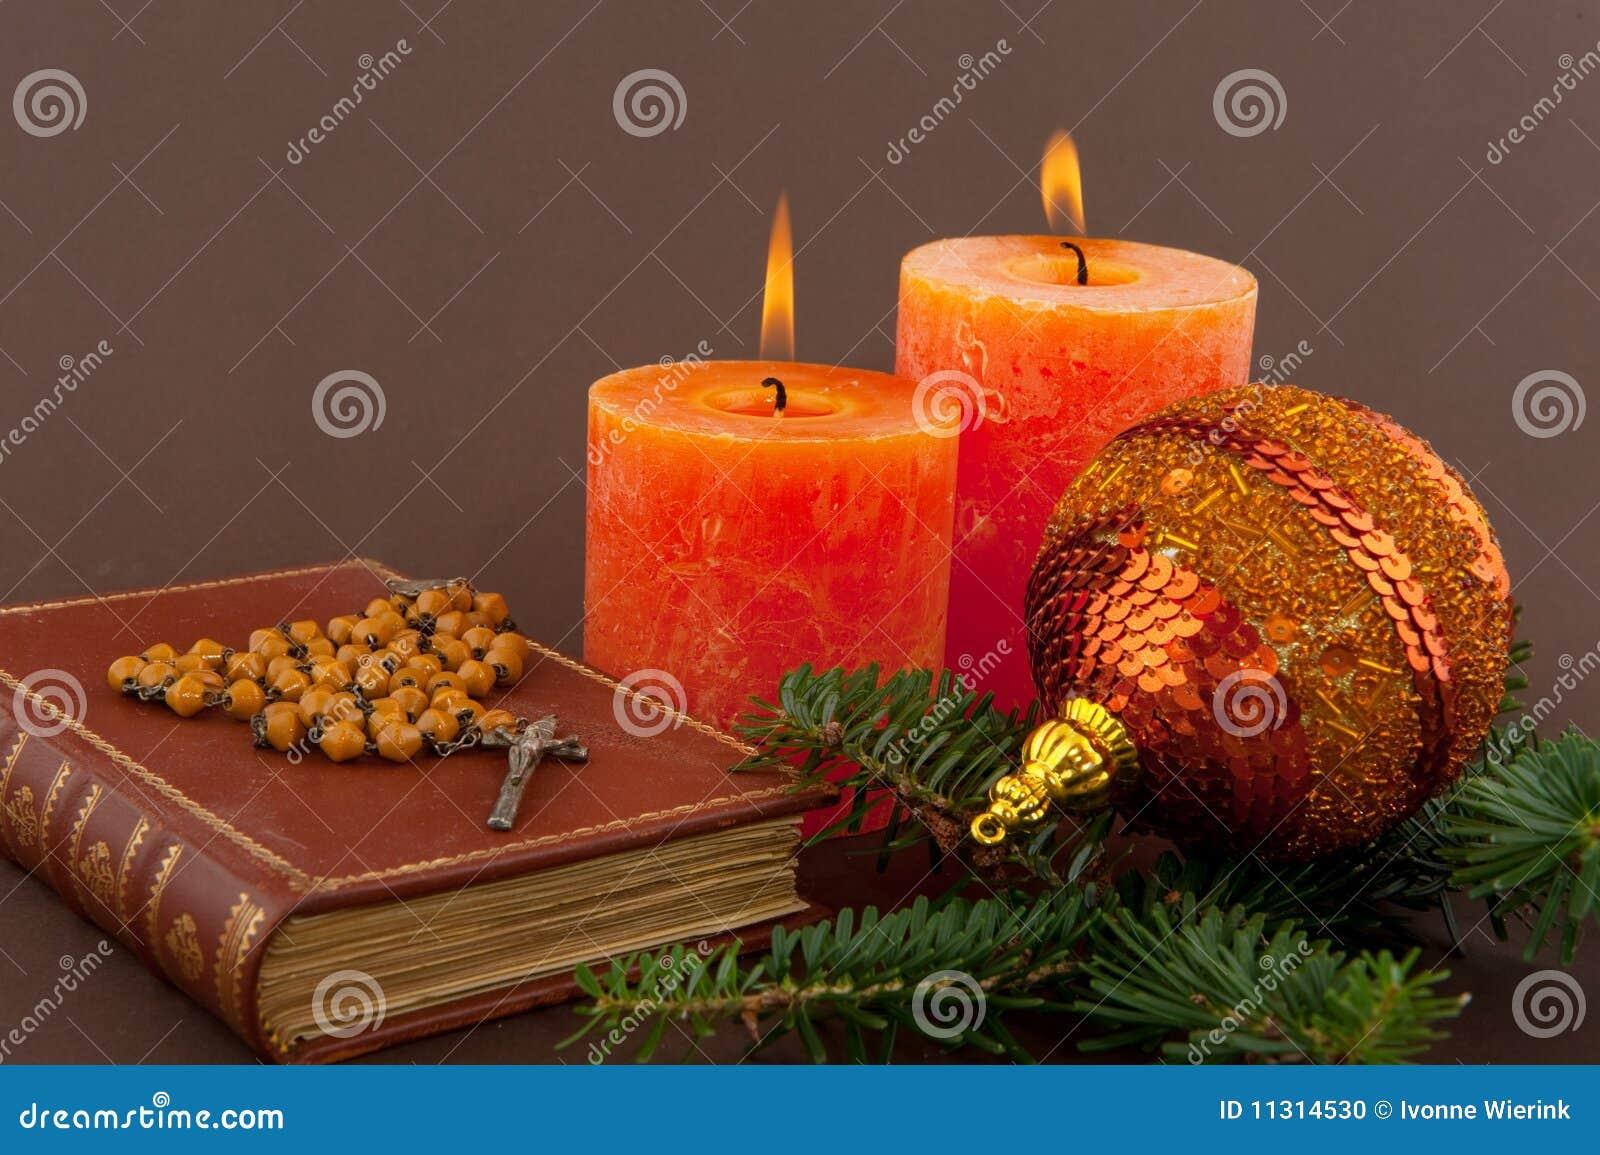 Weihnachten mit Bibel stockfoto. Bild von silber, hintergrund - 11314530